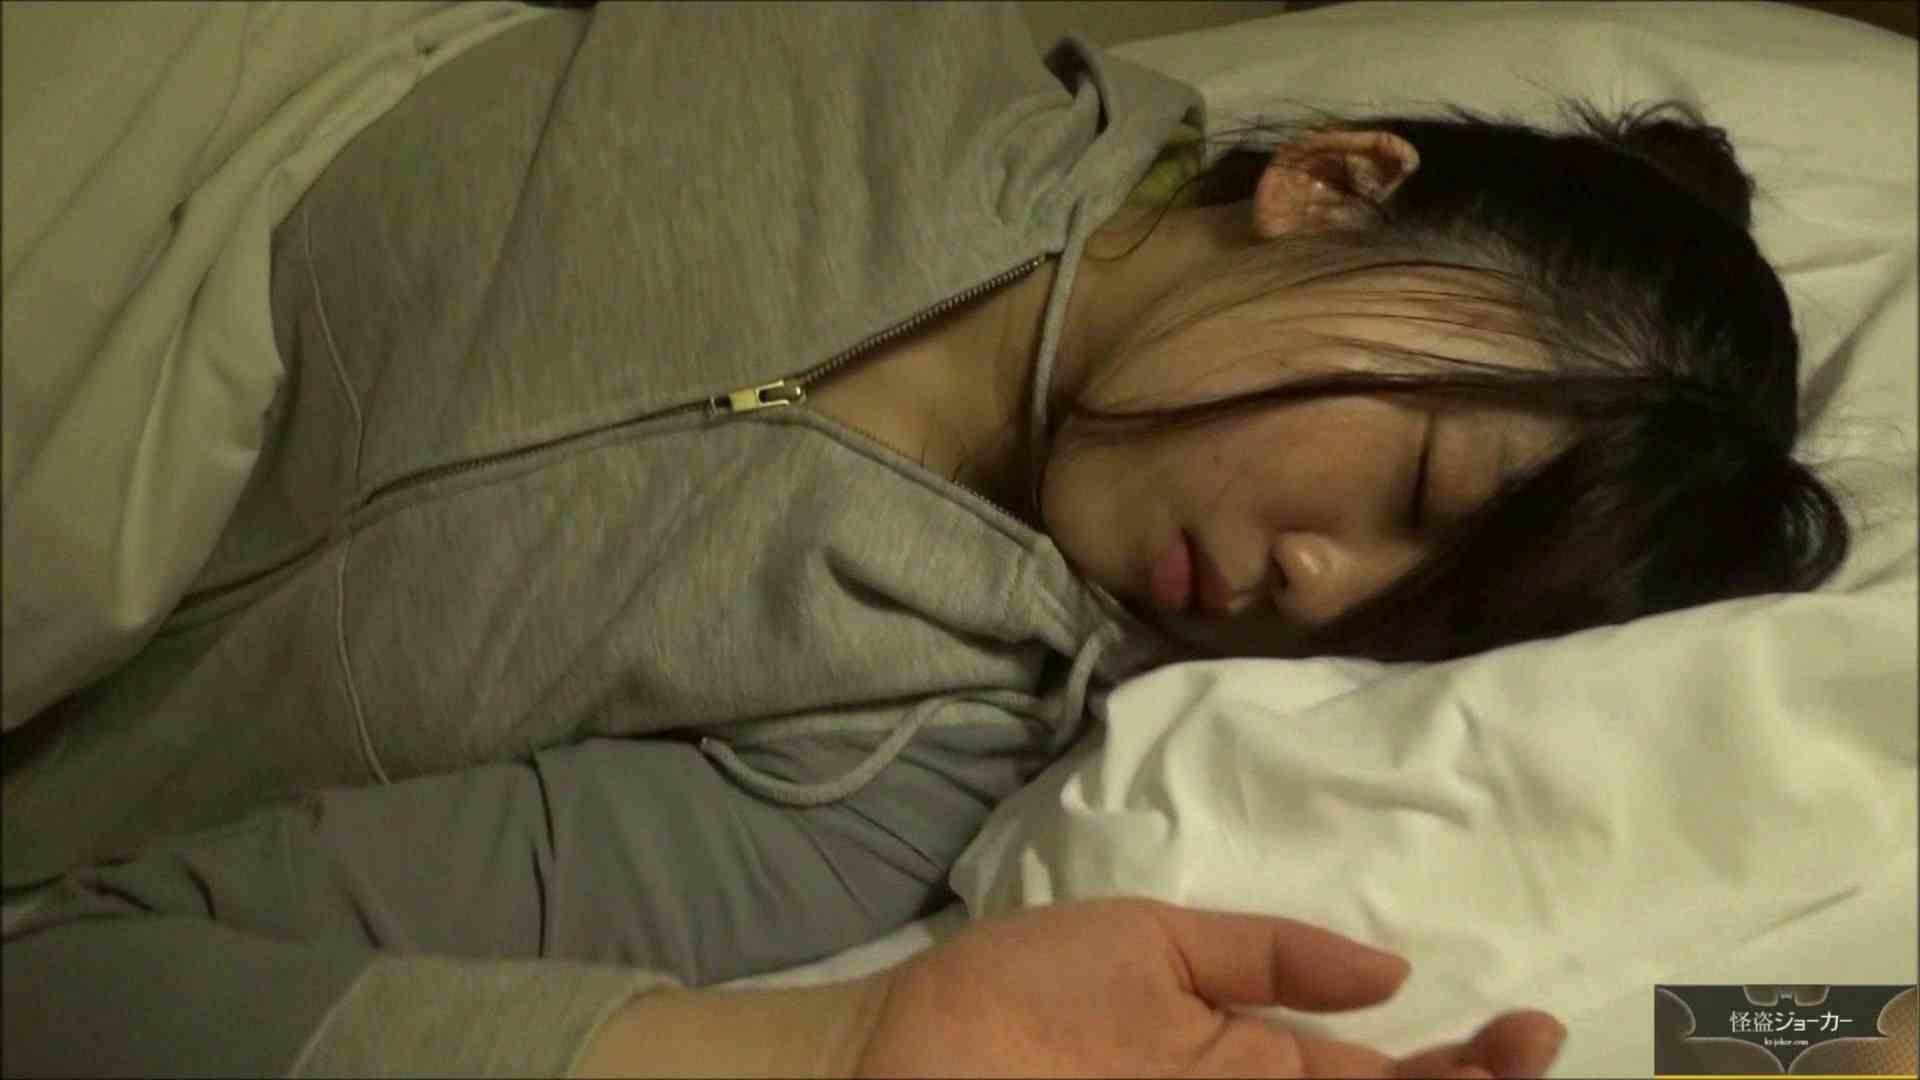 【未公開】vol.75 {関東某有名お嬢様JD}yuunaちゃん① お嬢様の実態   ホテルでエッチ  78pic 28